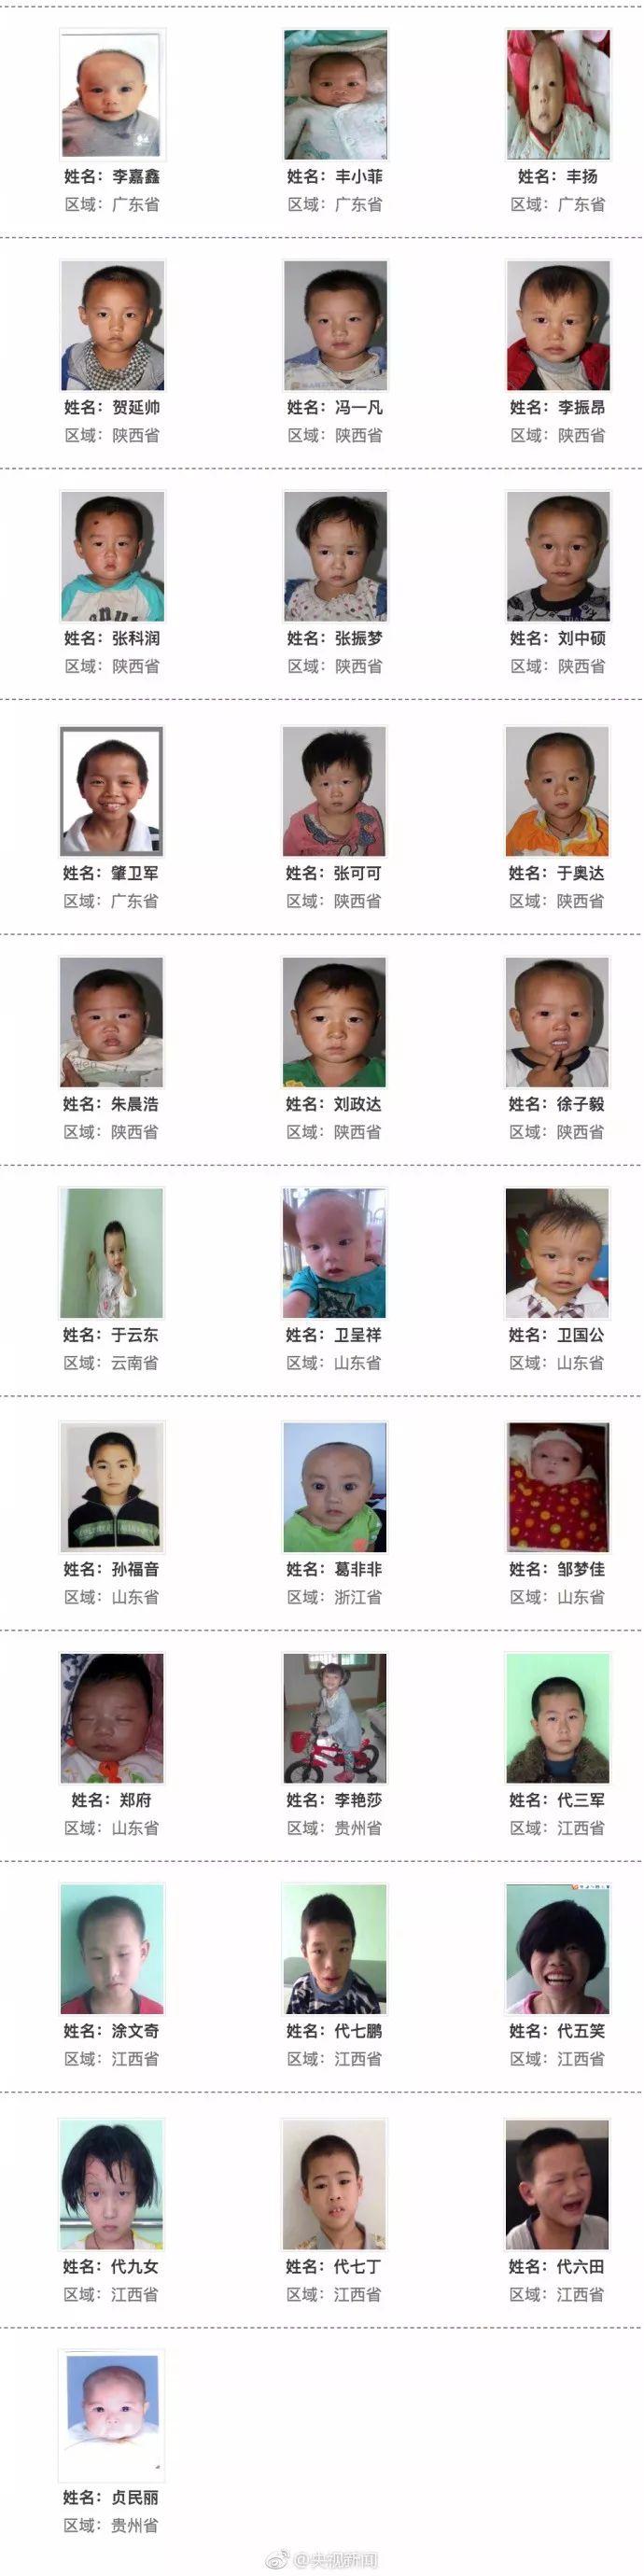 69名山东被拐儿童寻找家人!转发,让更多的人看到他们!